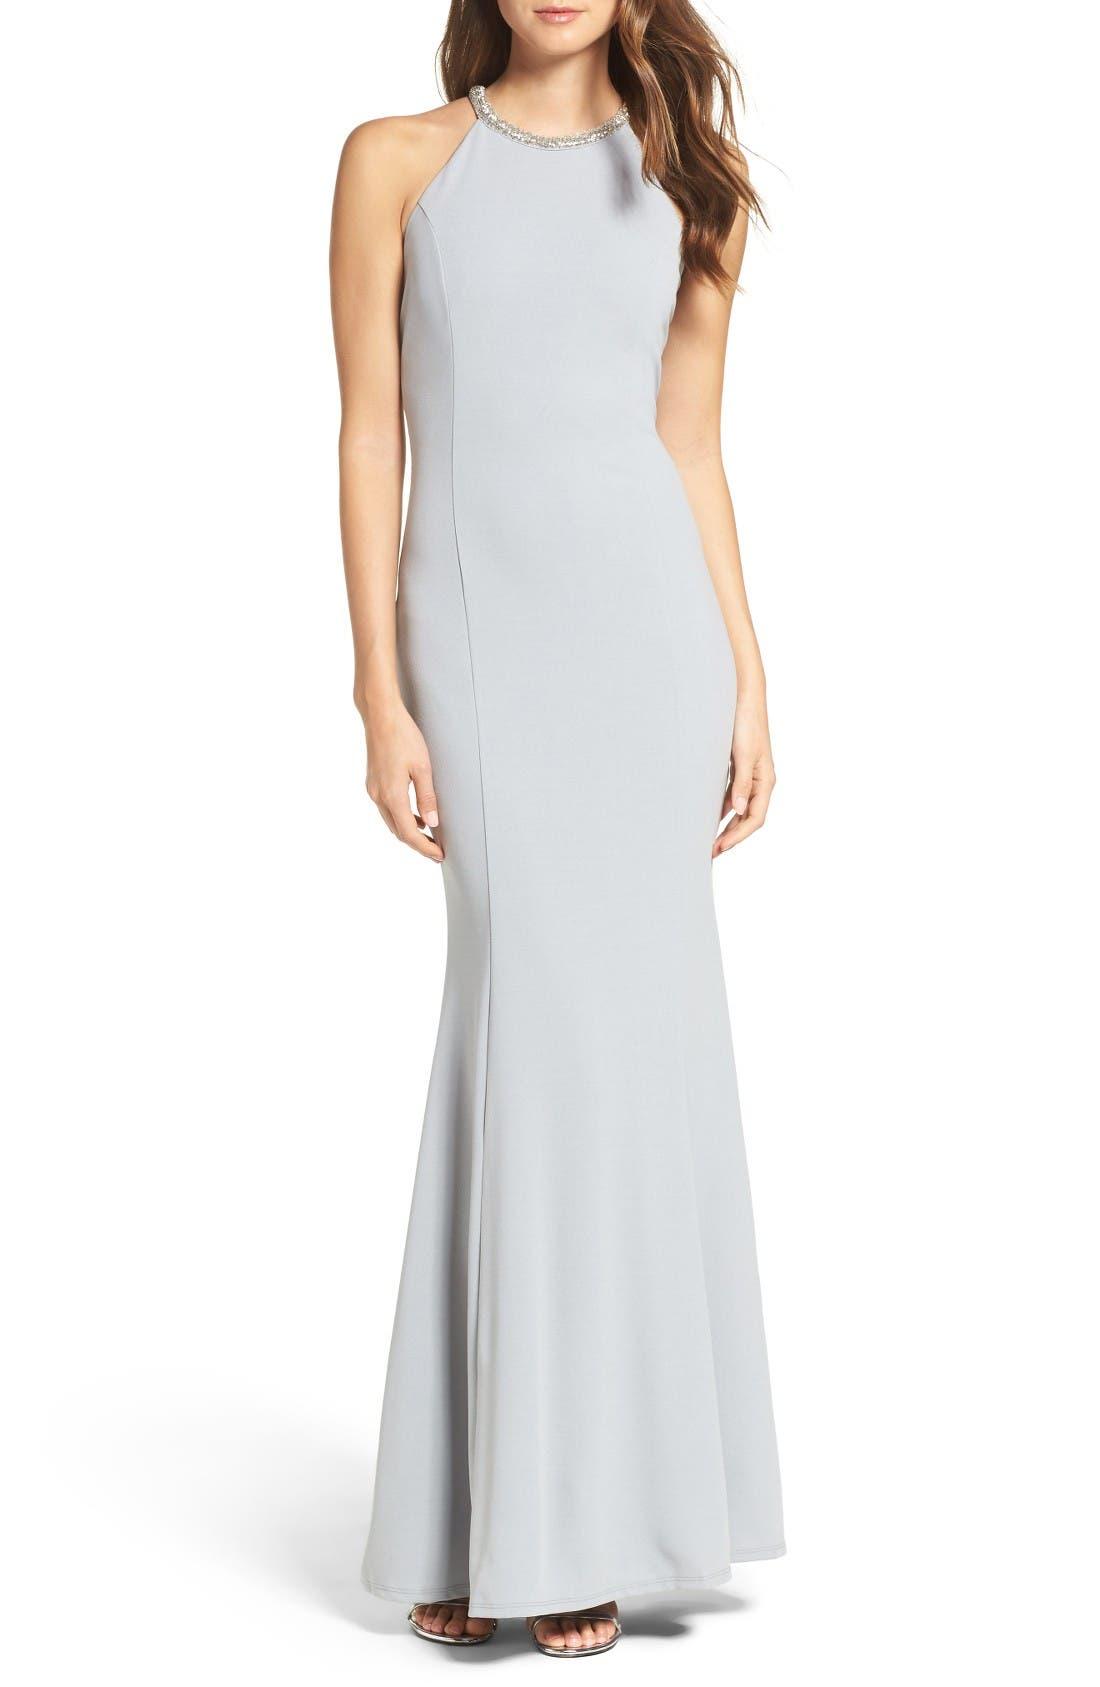 Alternate Image 1 Selected - Lulus Bead Neck Mermaid Gown